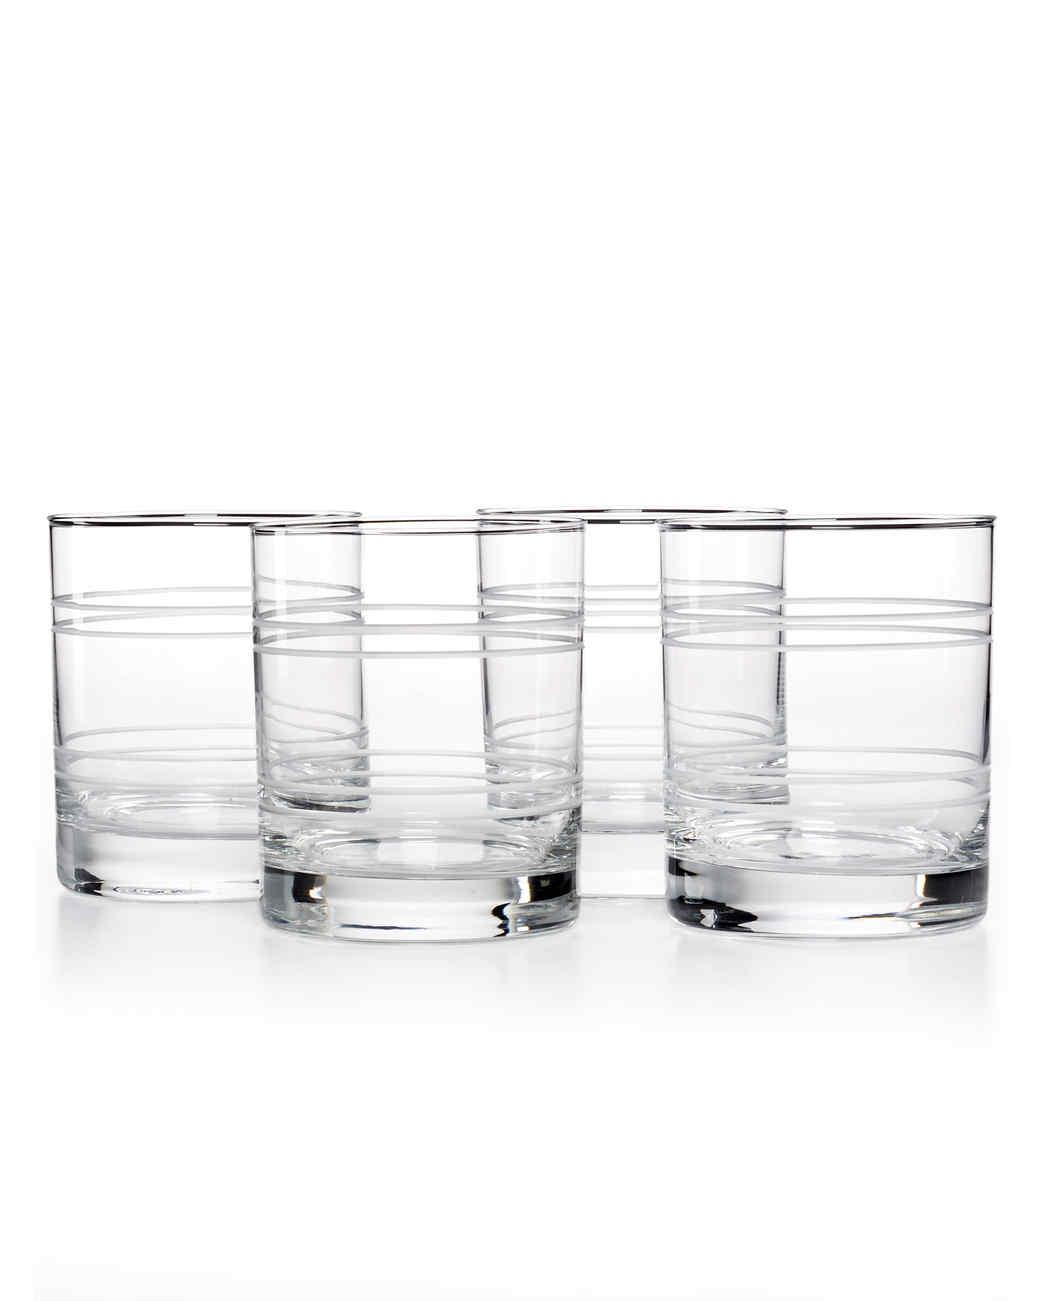 macys-glassware-etched-mrkt-0714.jpg